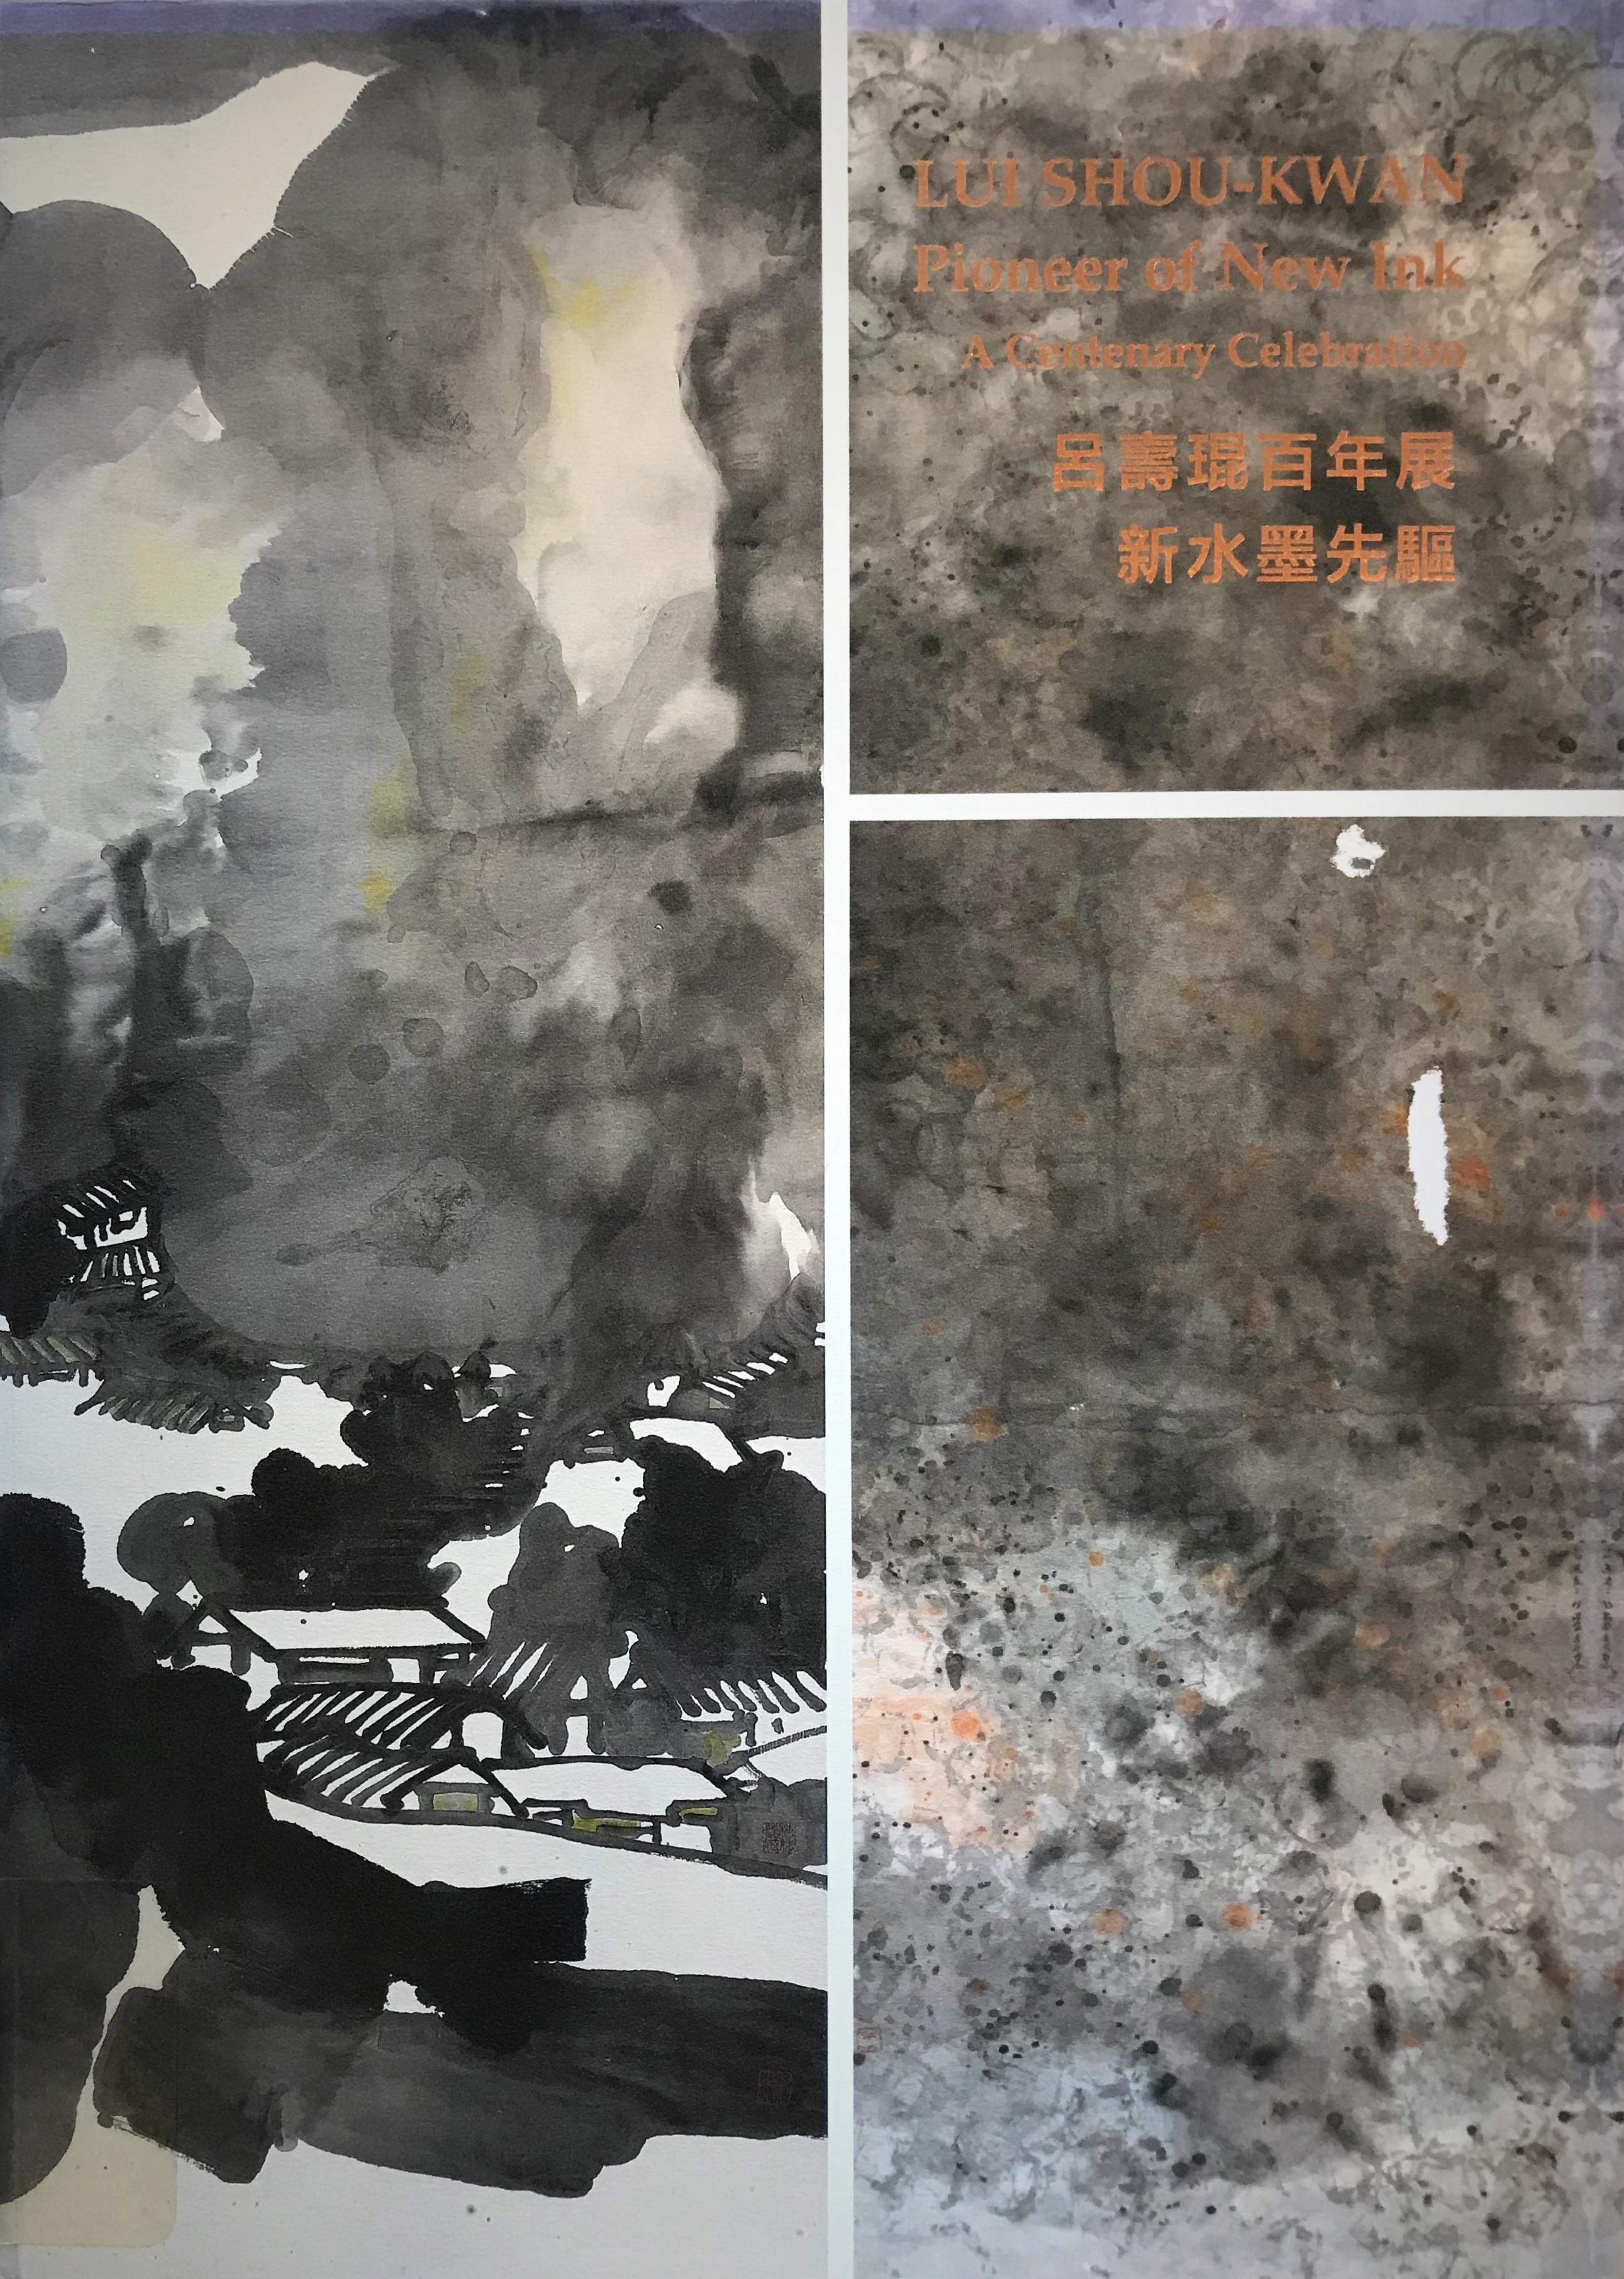 呂壽琨百年展 : 新水墨先驅 =  Lui Shou-Kwan, pioneer of New Ink : a centenary